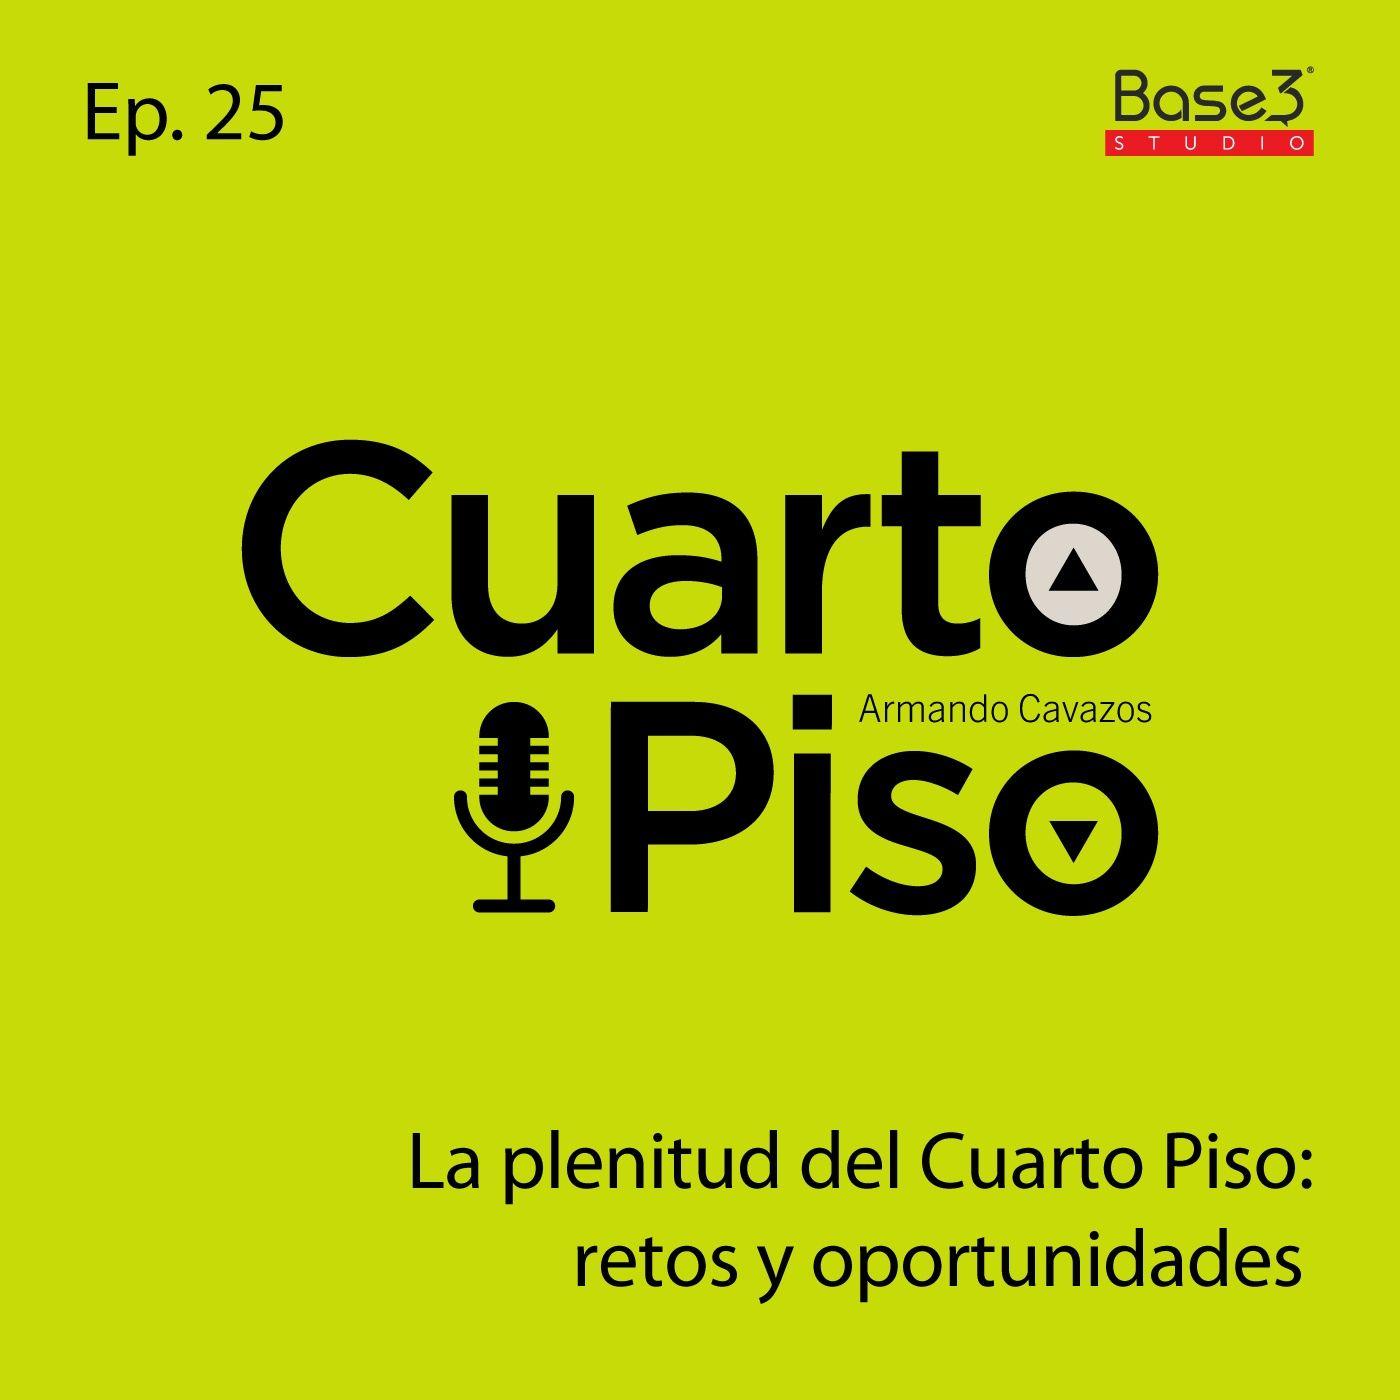 La plenitud del Cuarto Piso: retos y oportunidades | Ep. 25